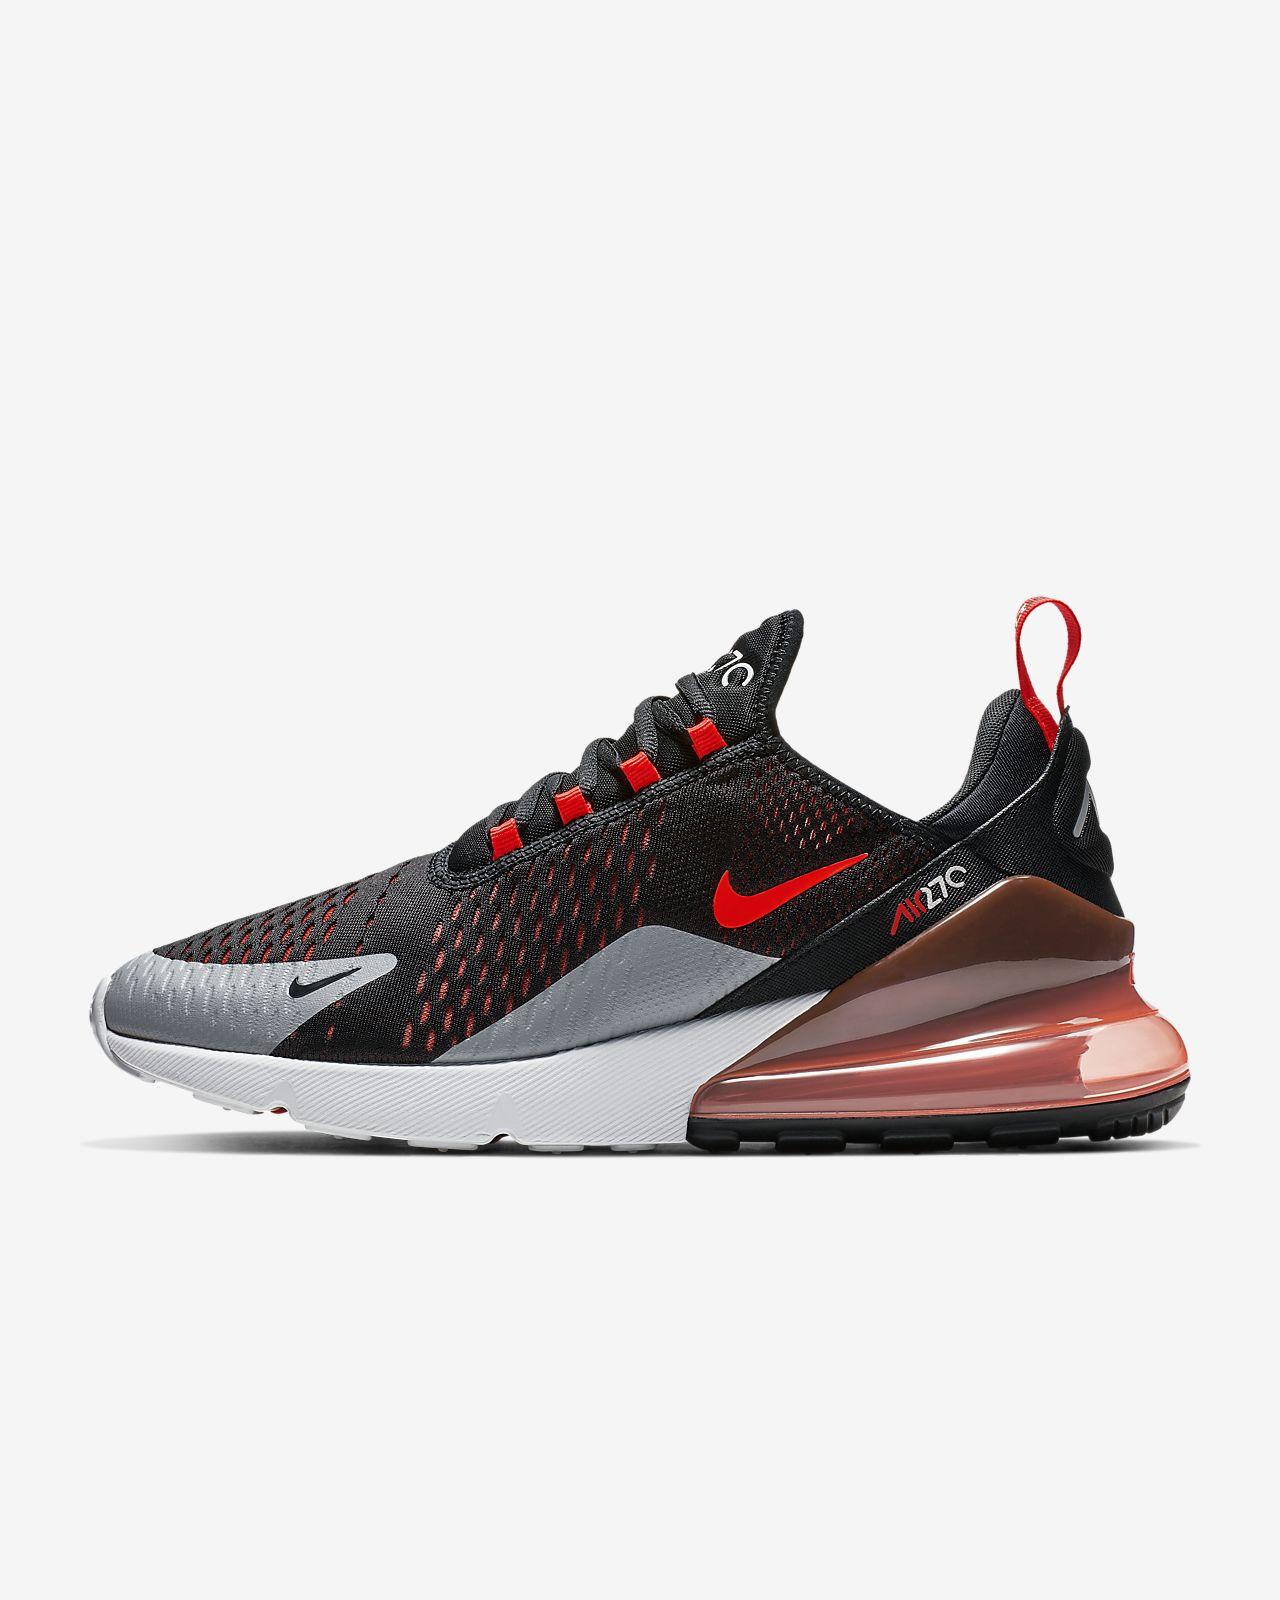 reputable site be26c fb958 ... Nike Air Max 270 Mens Shoe